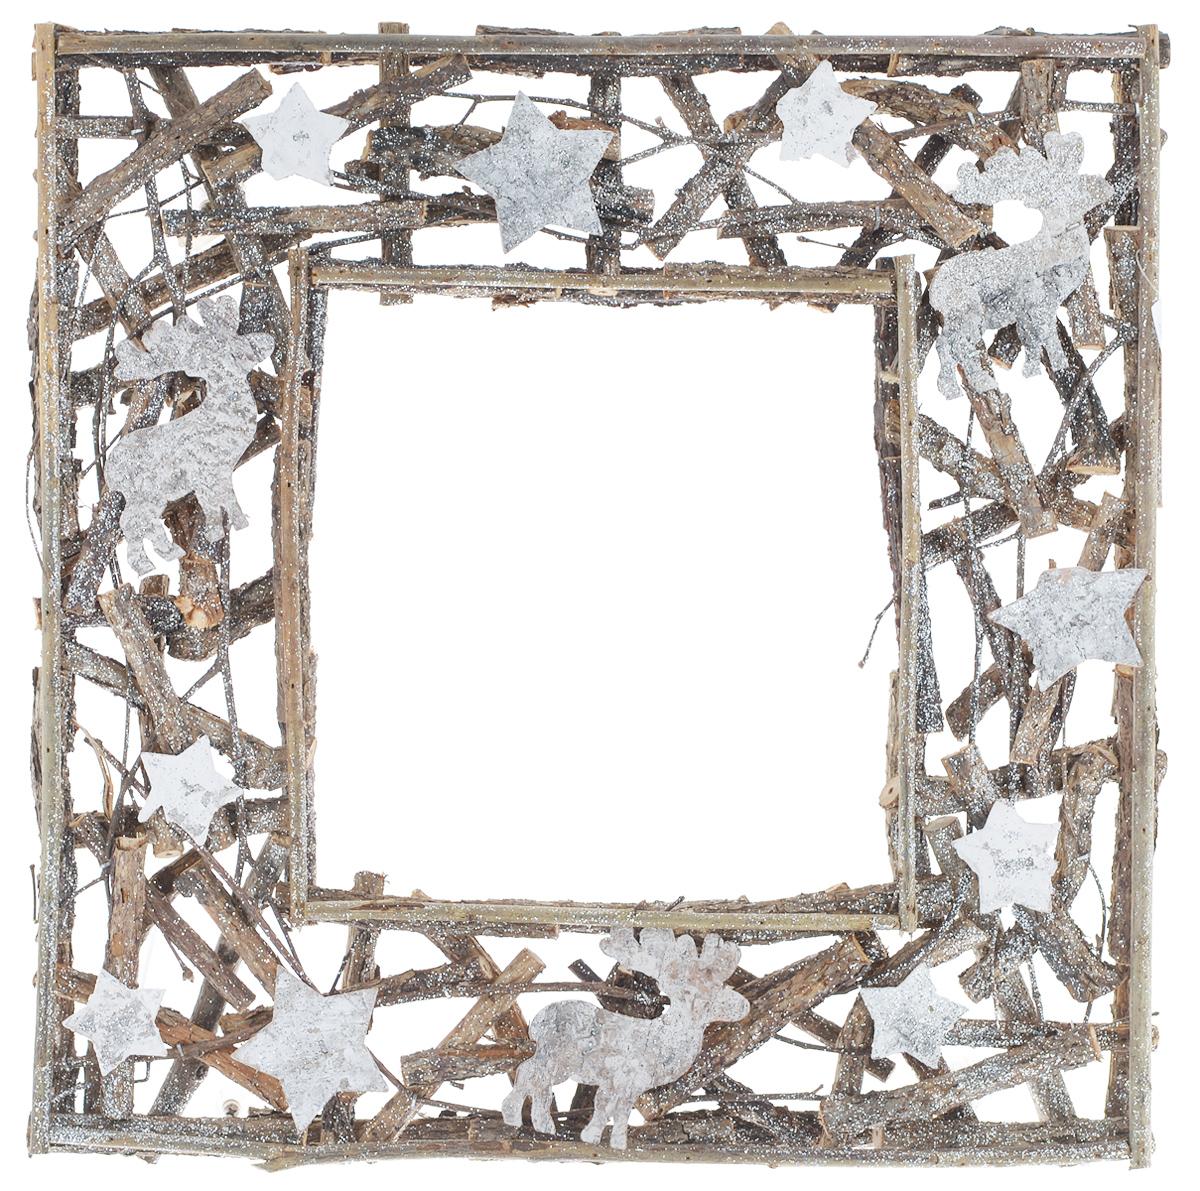 Рамка декоративная Dongjiang Art, 39 см х 39 см7708946Декоративная рамка Dongjiang Art используется как основа для последующего декорирования. Изделие изготовлено из деревянного каркаса и украшено блестками. Вы можете также украсить рамку лентами, фигурками, красивыми бусинами, цветной бумагой или другими материалами. Вы получите наслаждение от творчества и удивительно красивое украшение для вашего интерьера или замечательный подарок для близких людей!